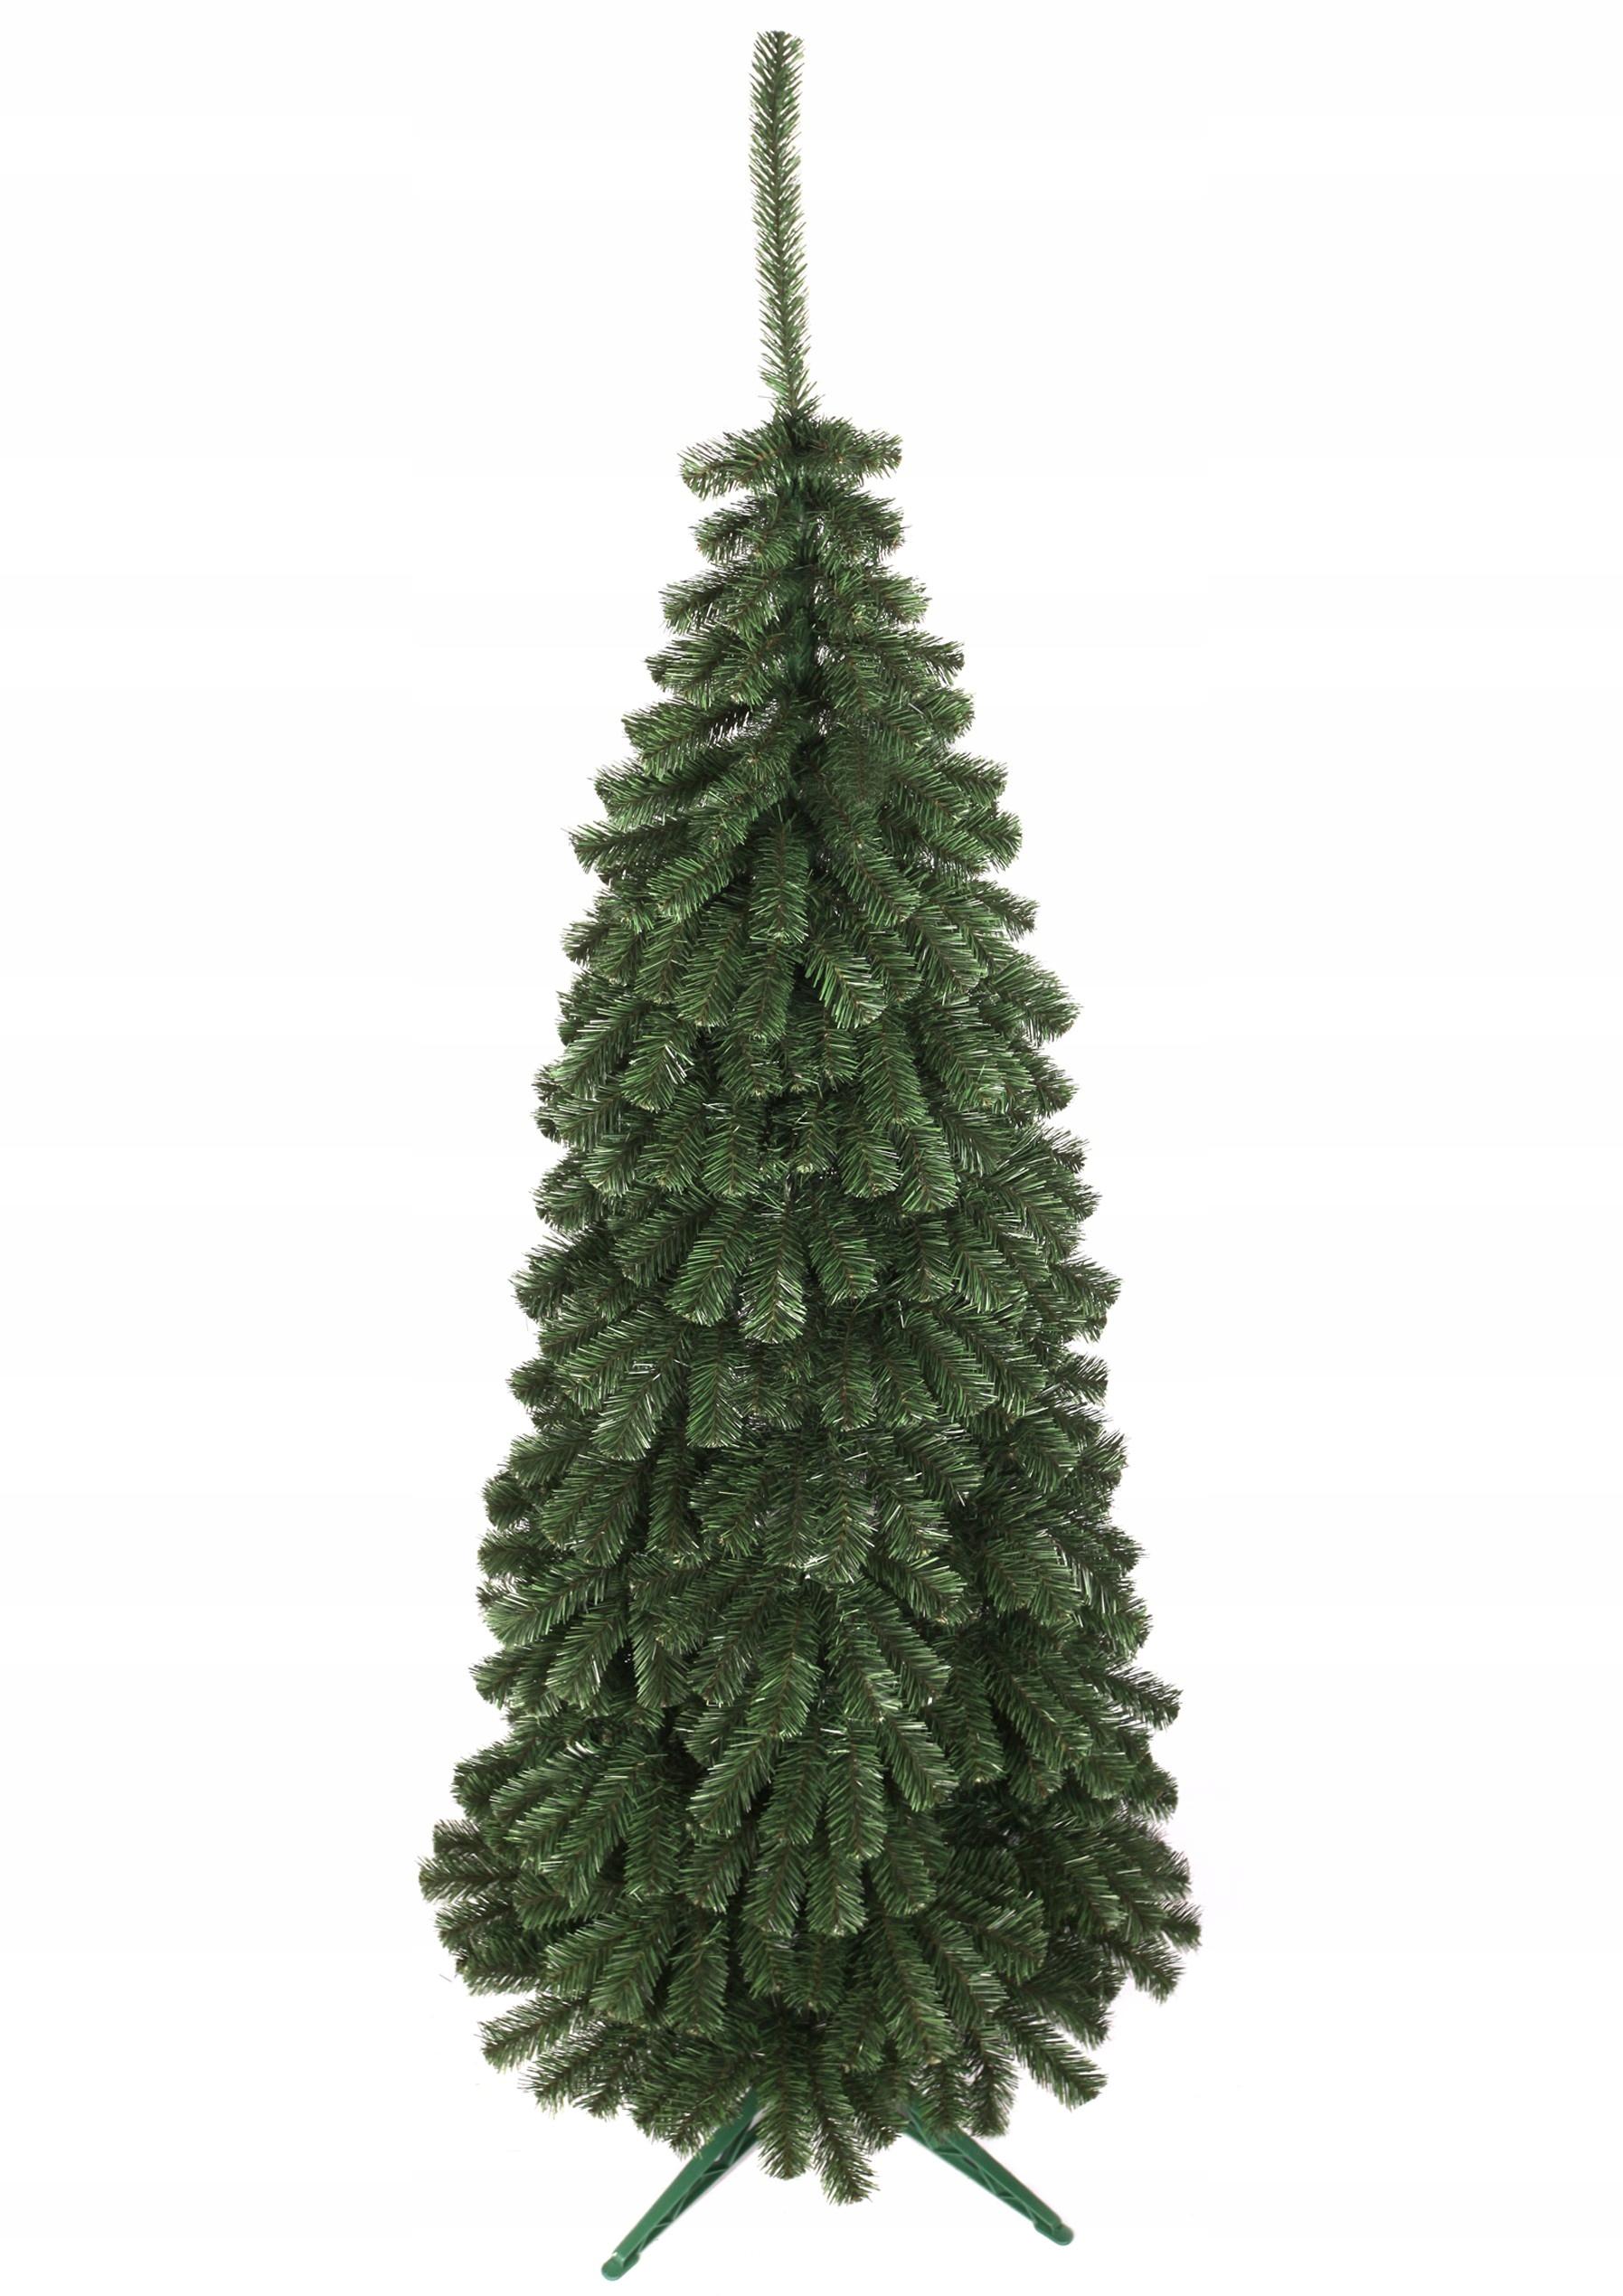 Umelý vianočný stromček TUJA 250CM + ÚZKA HUSTOTA NAŽIVO